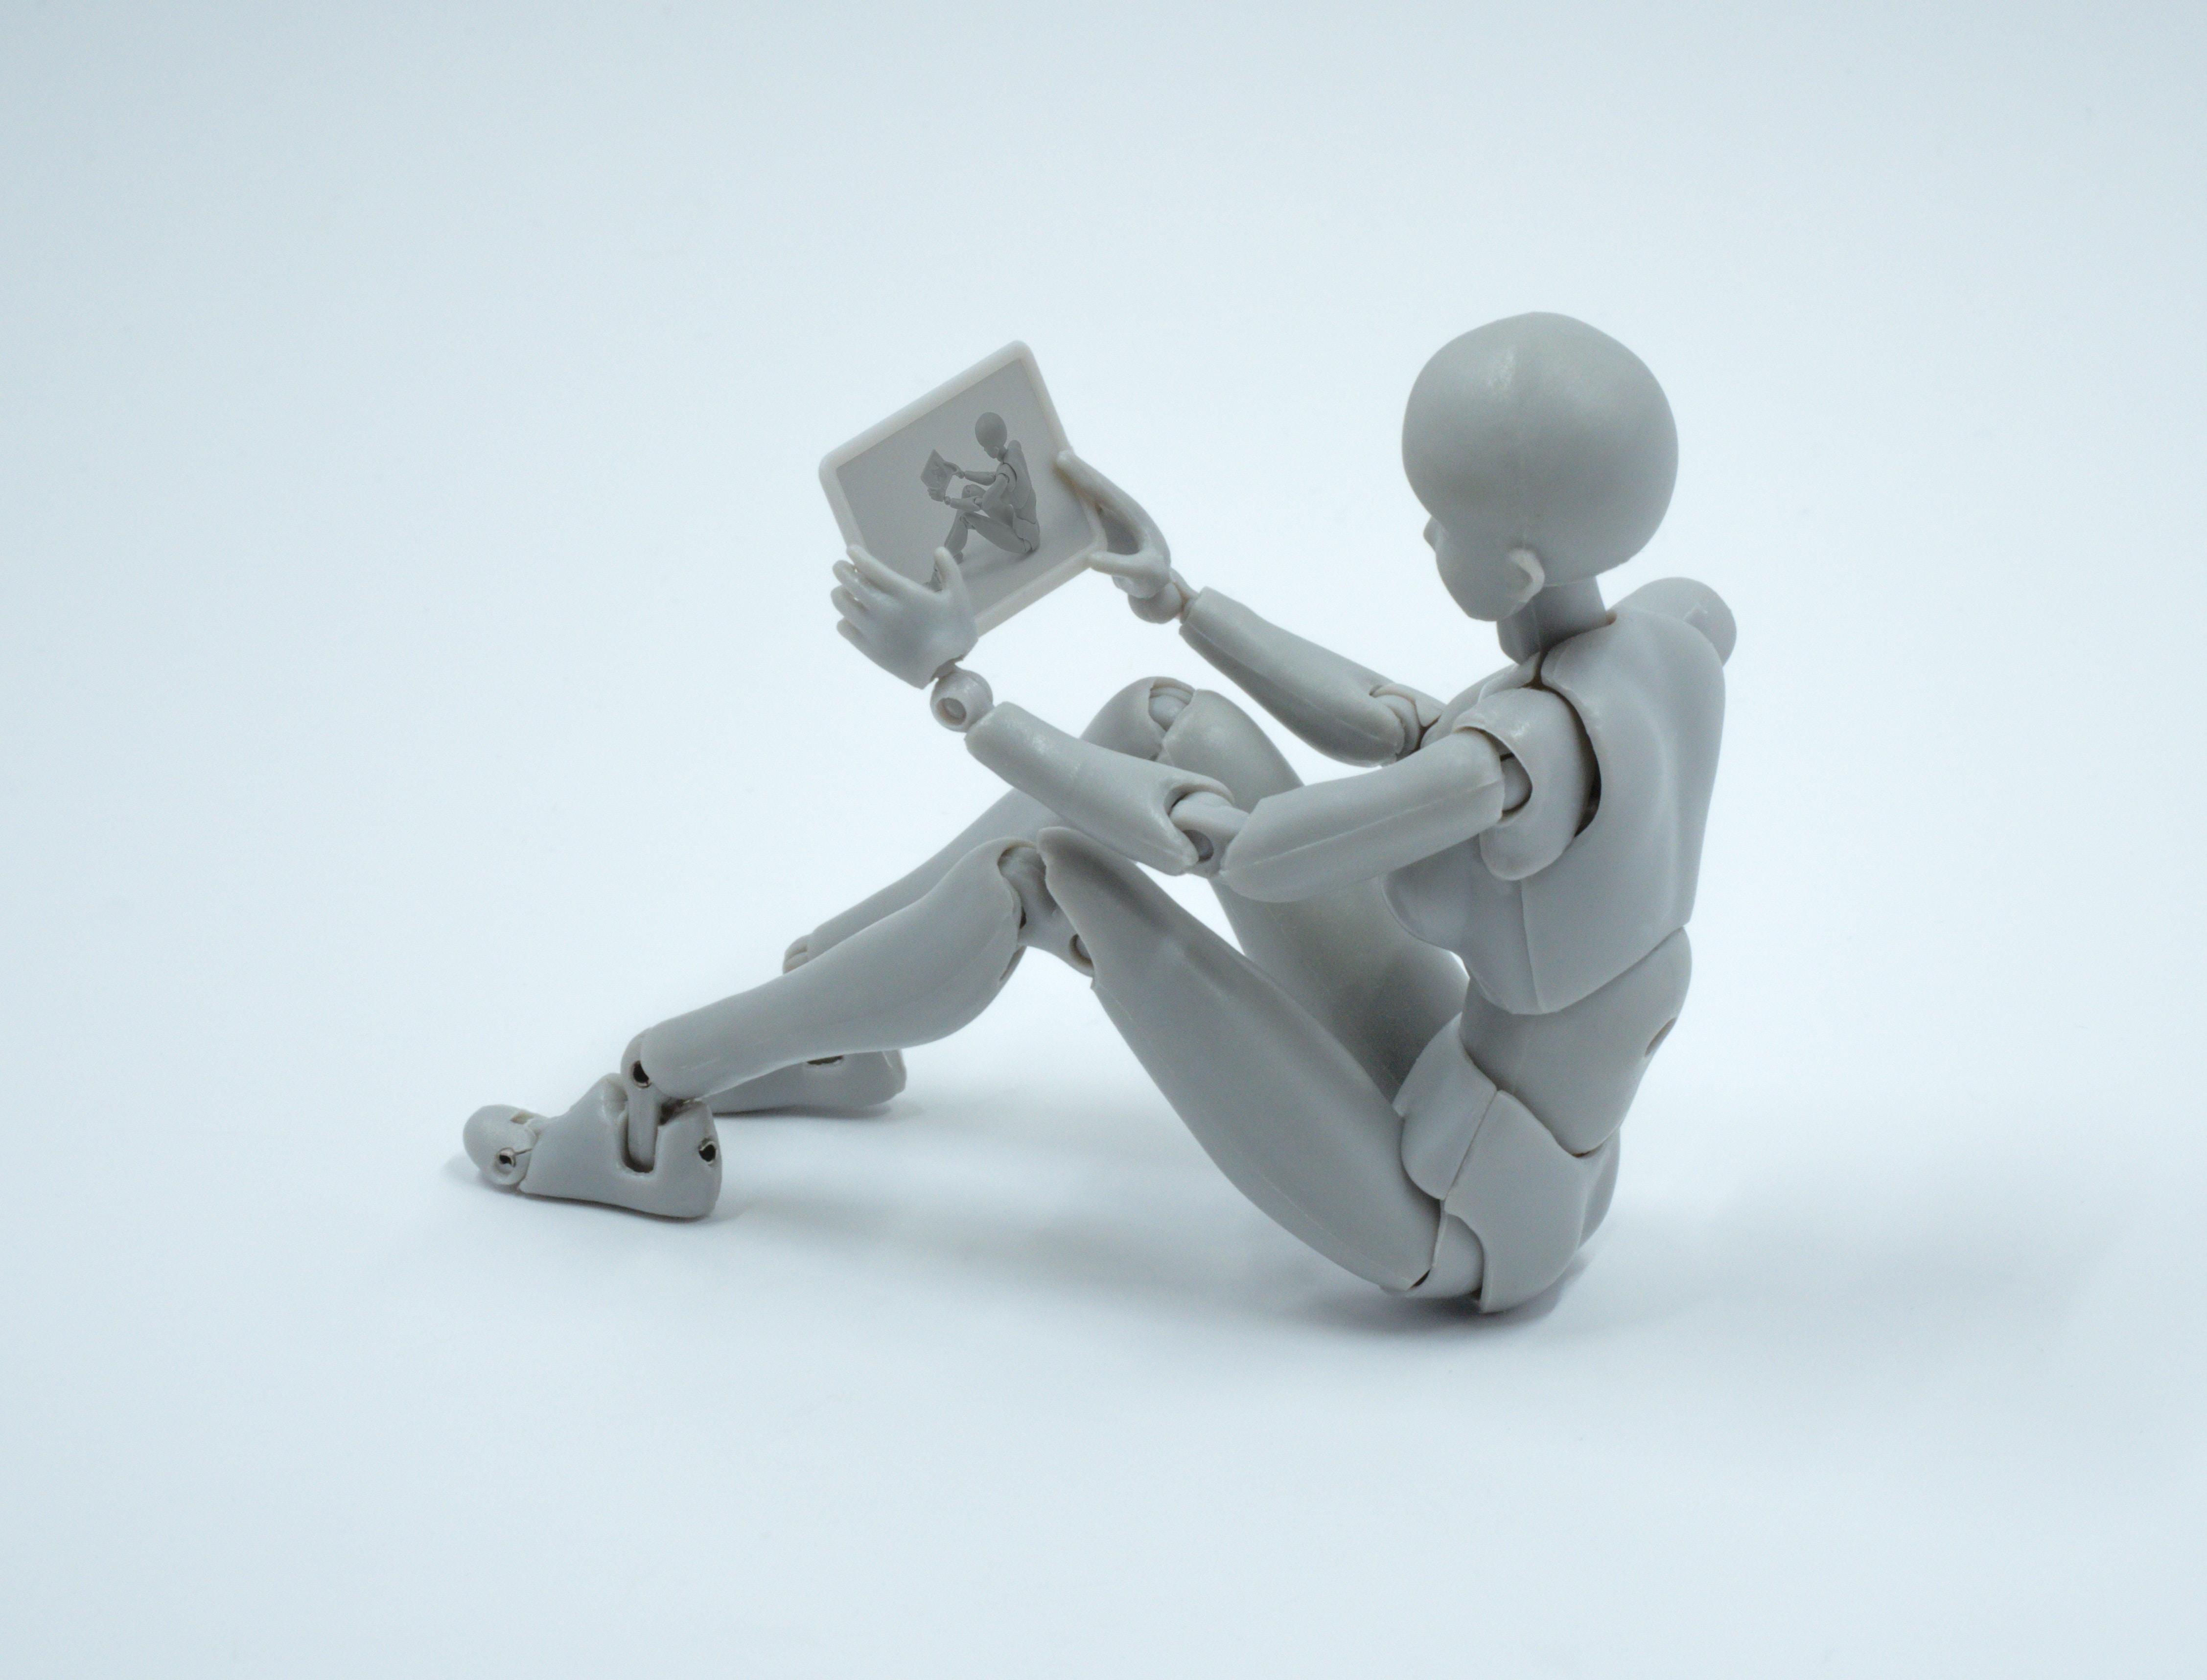 """""""Le robot est un selfie de l'homme moderne"""" - Entretien avec Véronique Aubergé"""